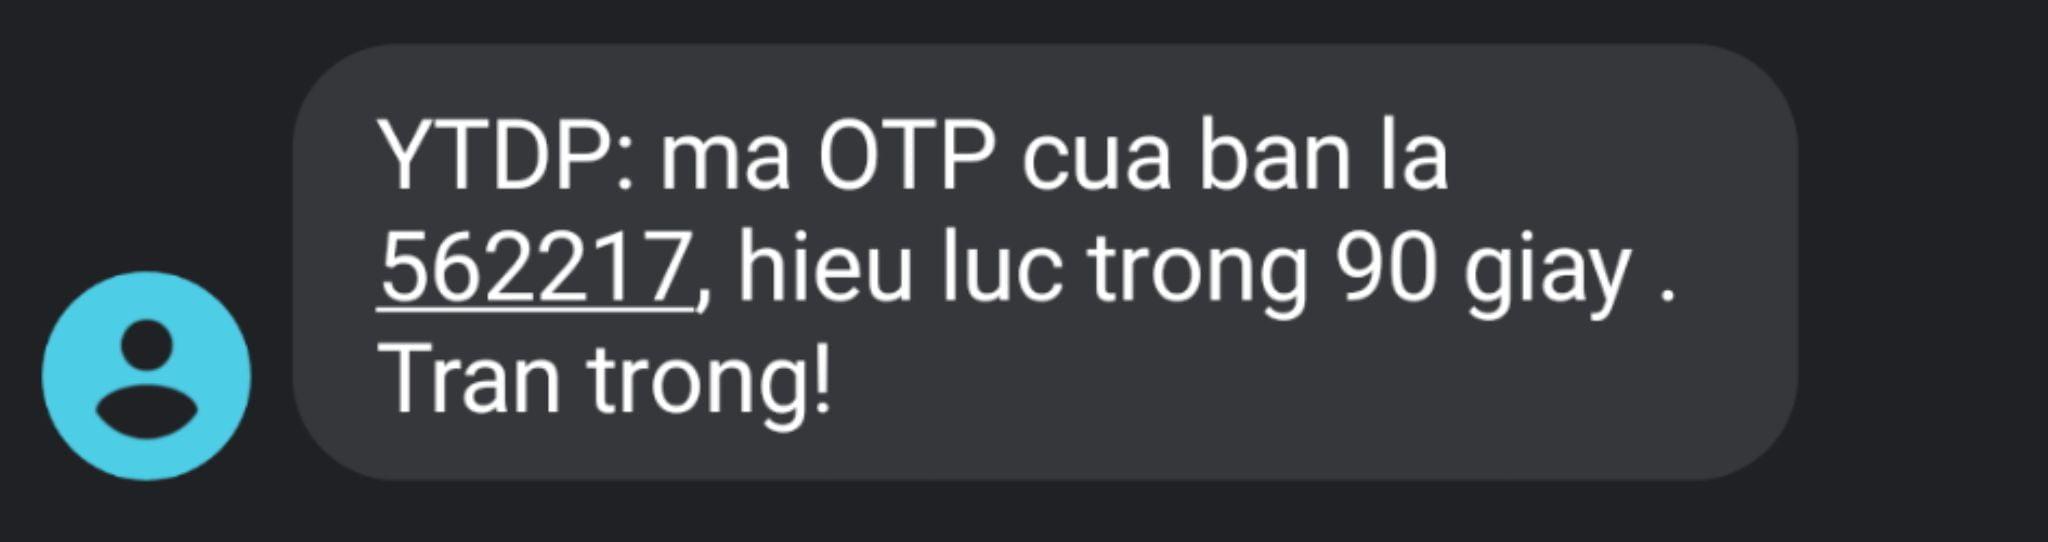 mã OTP gởi vào điện thoại